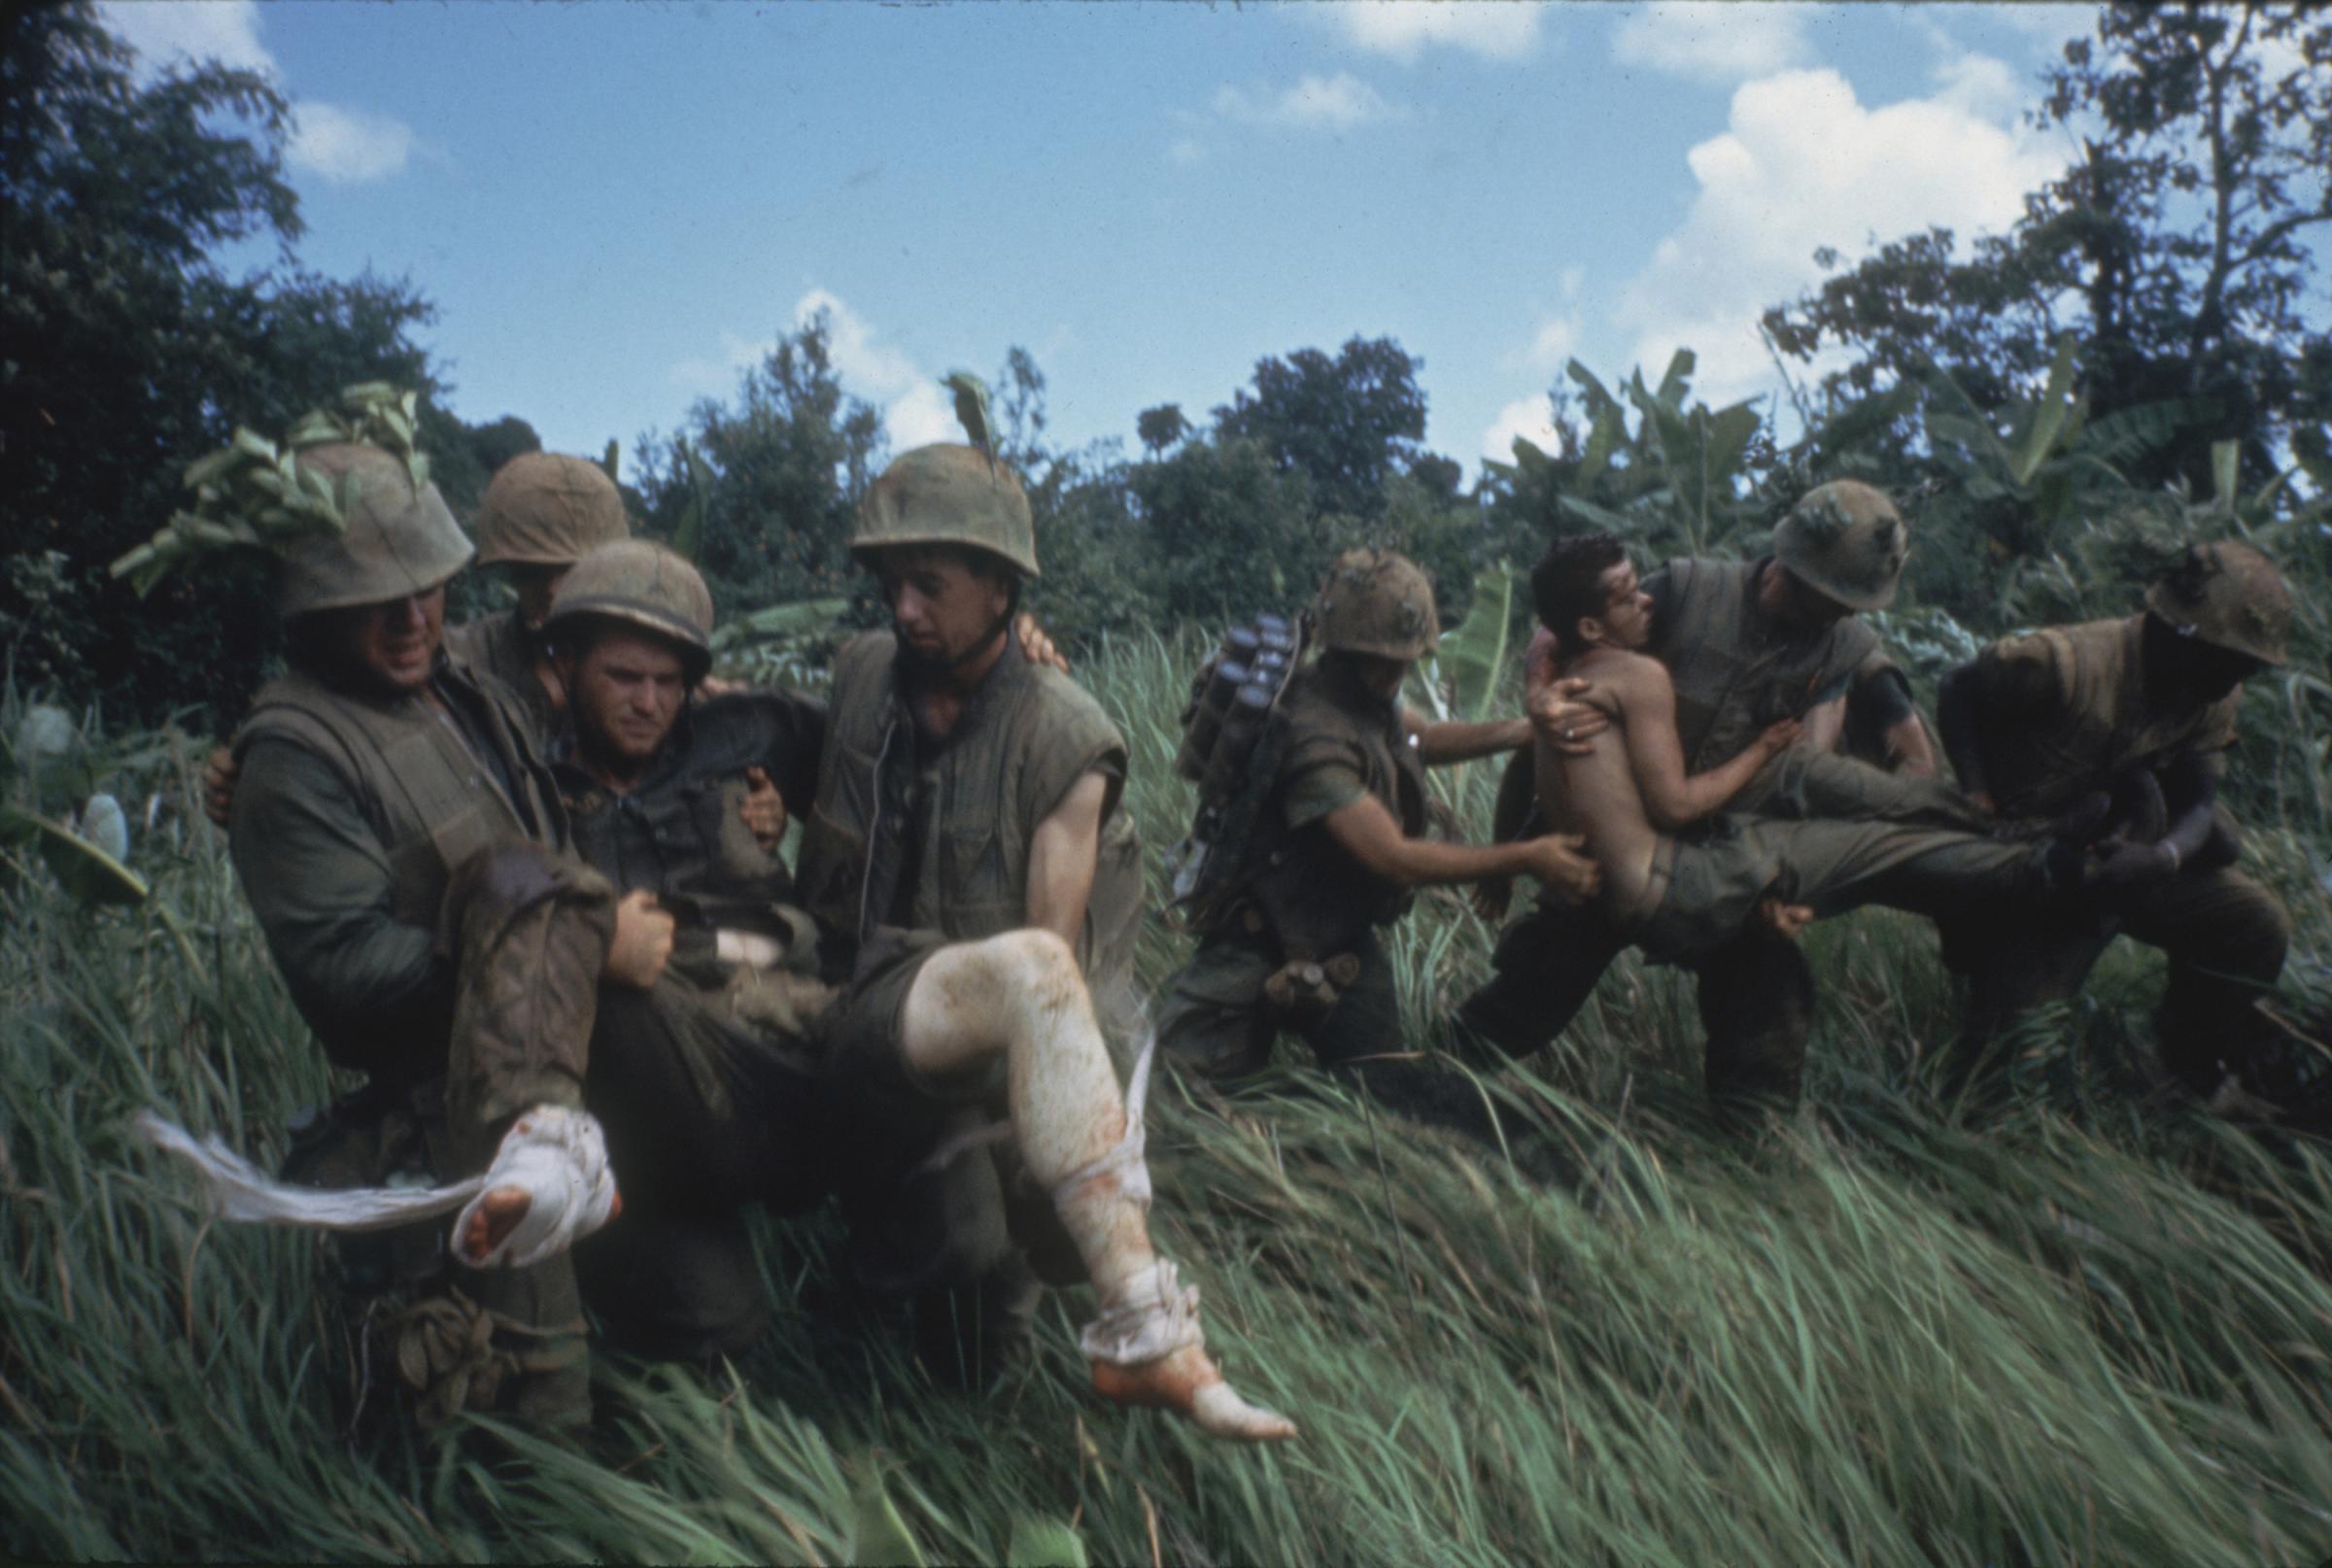 ptsd after vietnam